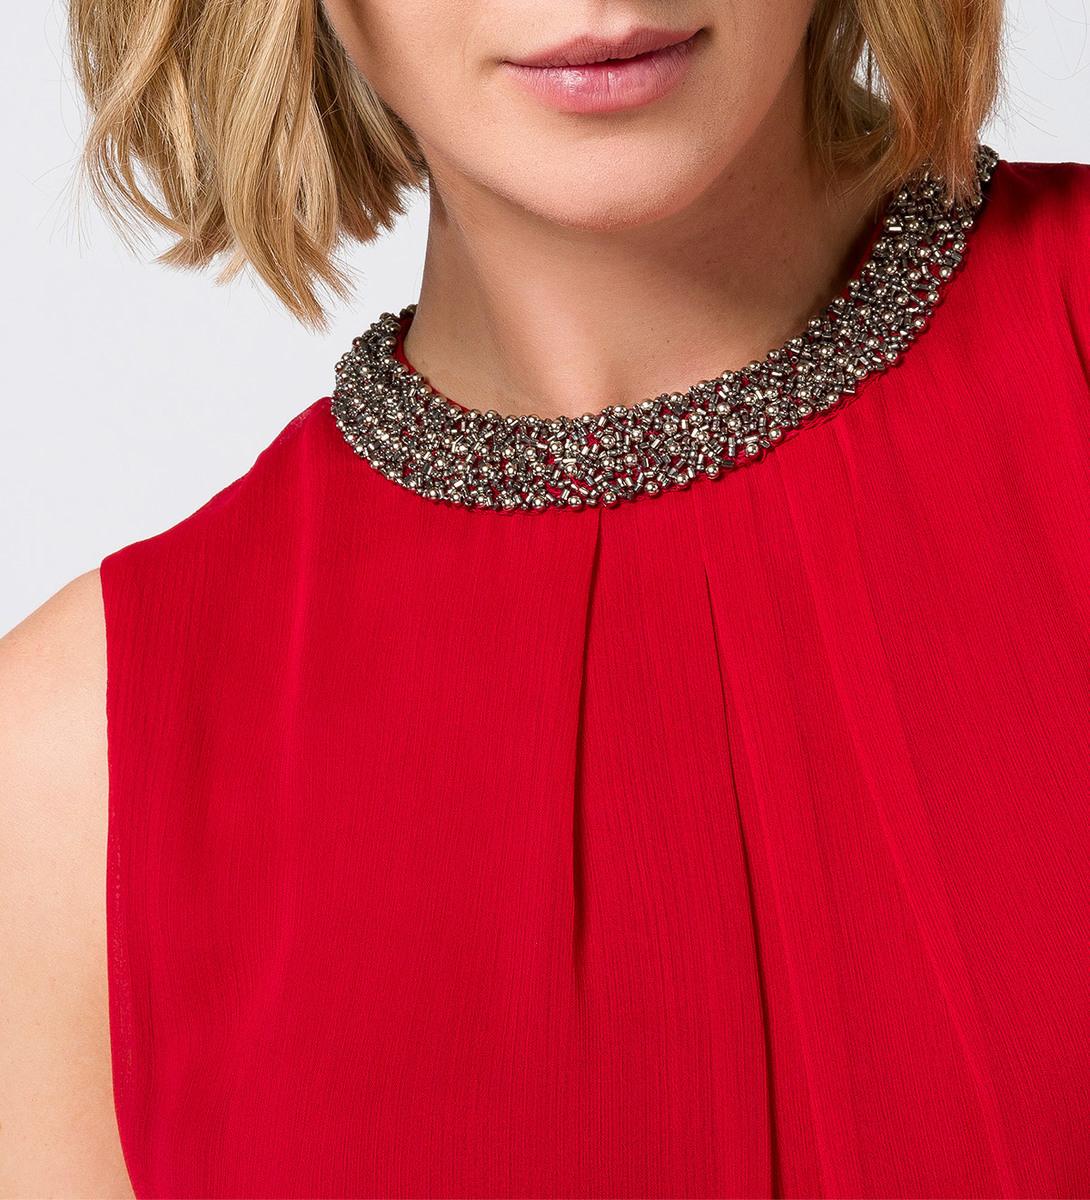 Bluse mit perlenbesticktem Kragen in red flower